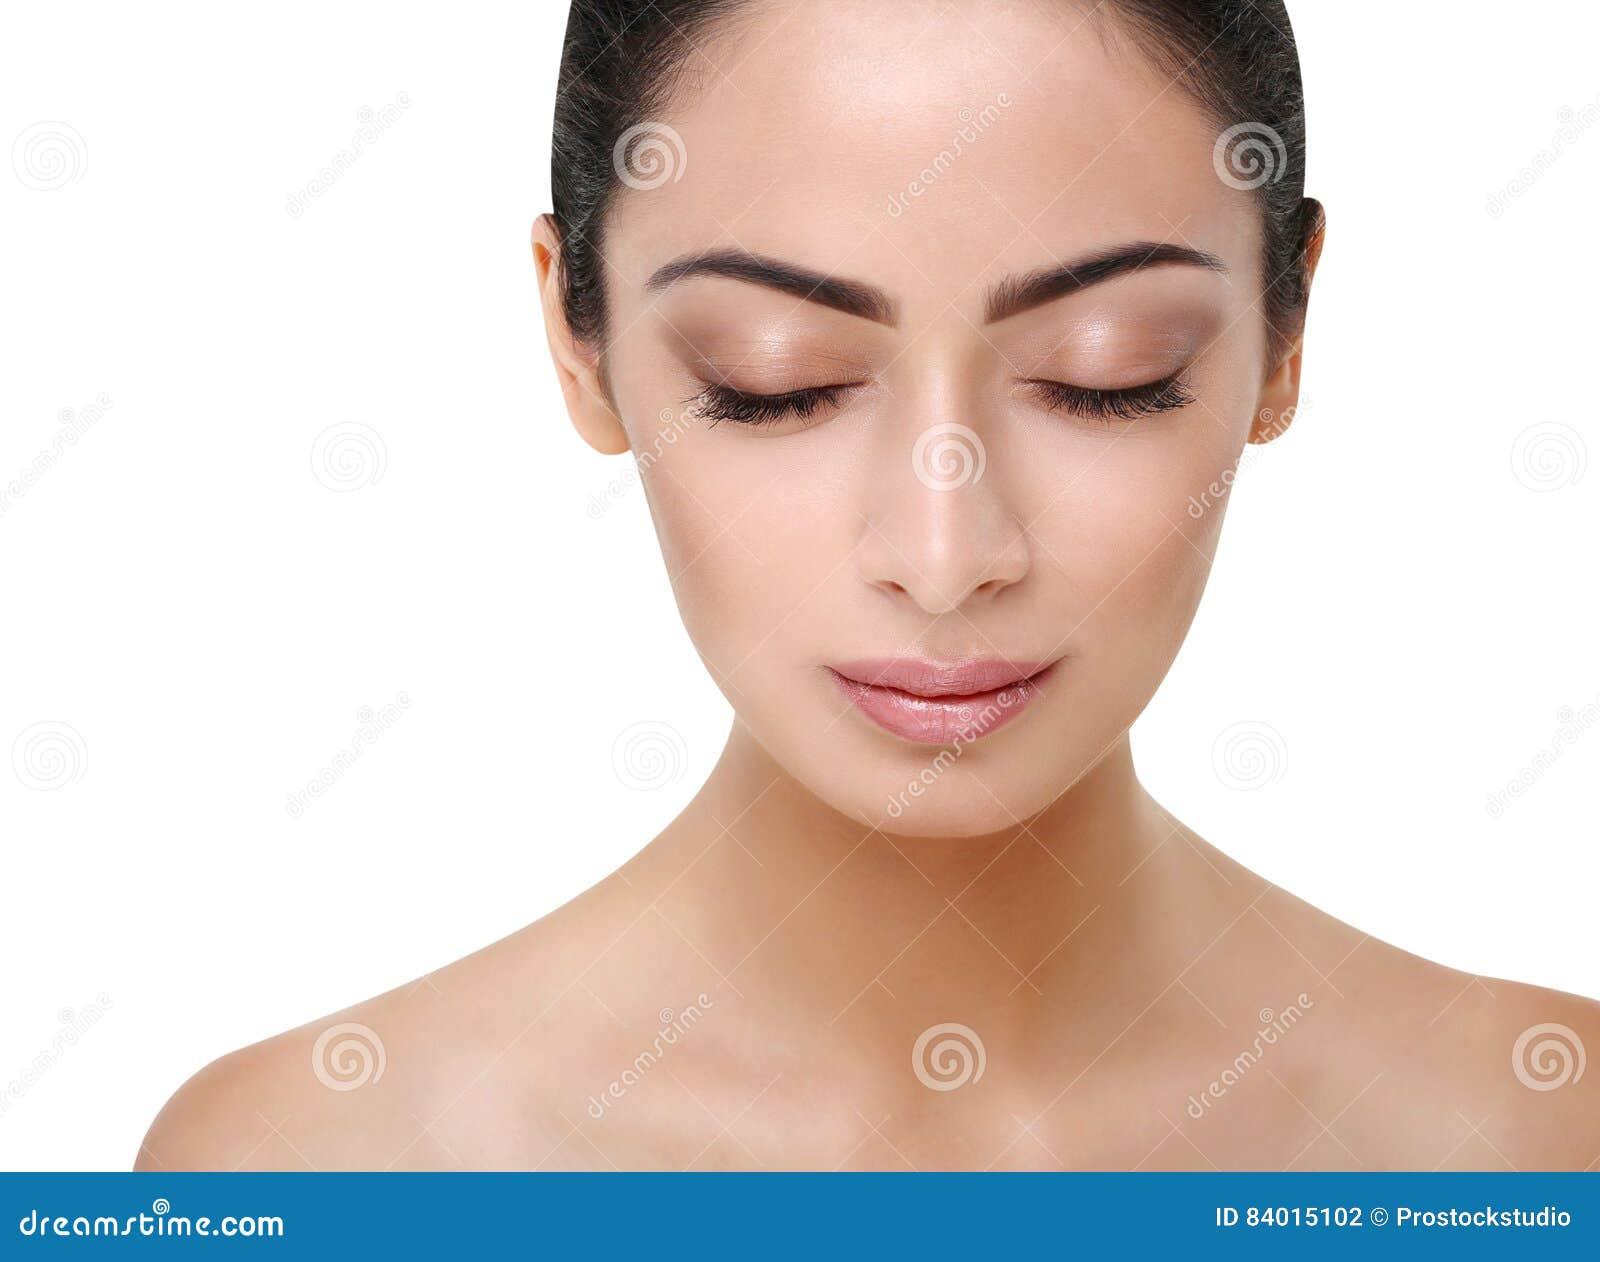 Perfektes Gesicht Des Schönen Indischen Mädchens Mit Geschlossenen